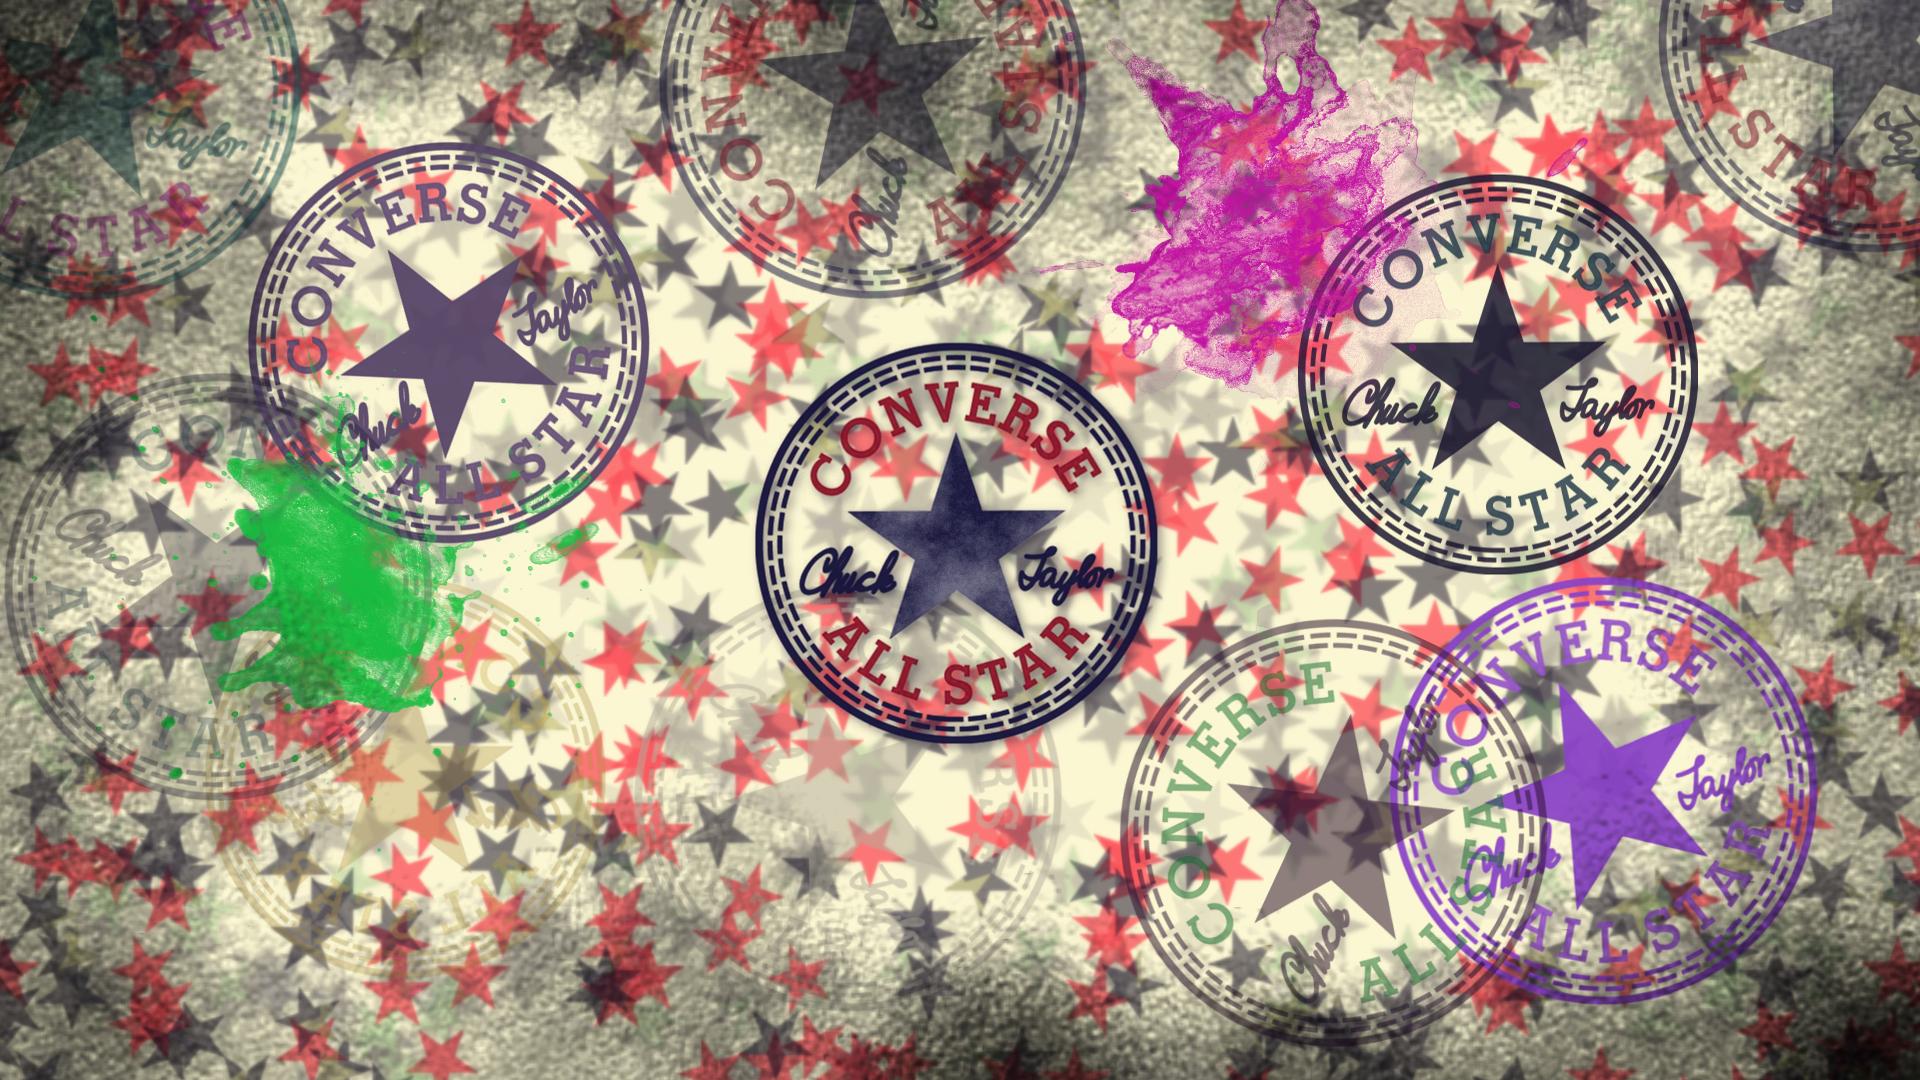 35bf2fd1b06 Artwork con el logo de Converse All Satar y la firma de Chuck Taylor